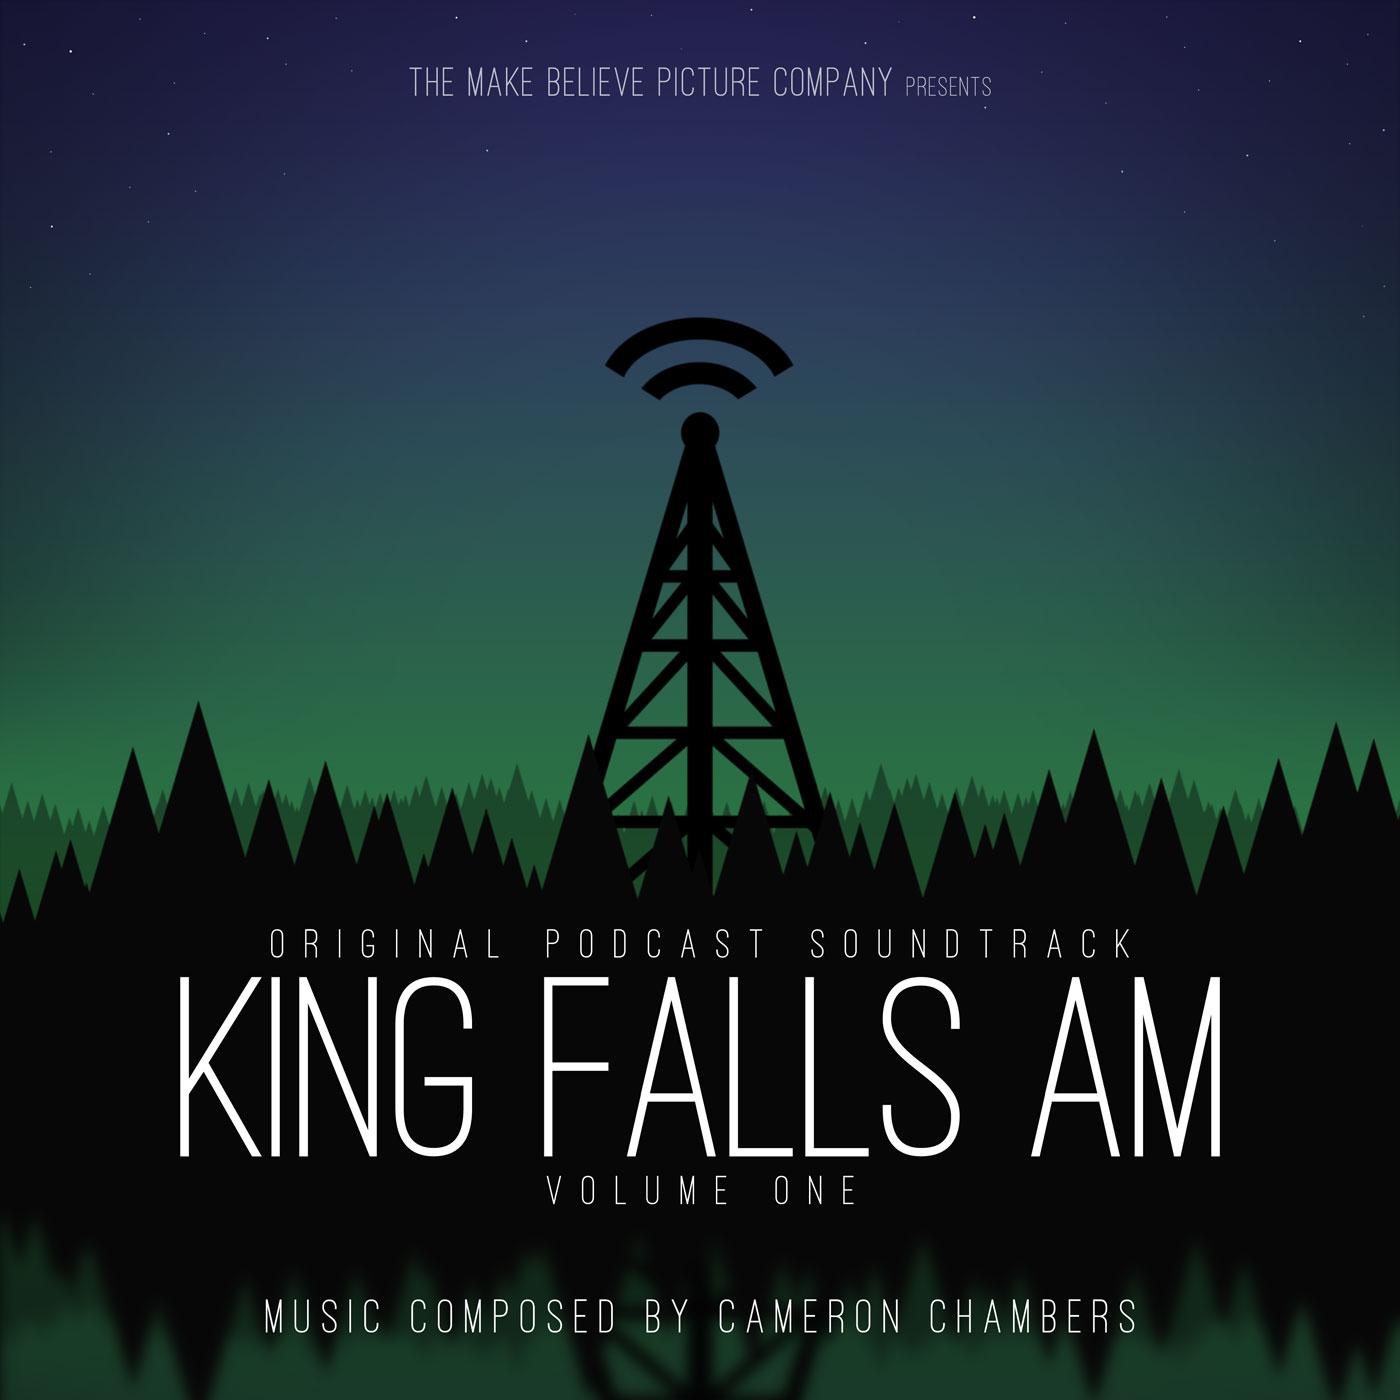 KingFallsAMVol1.jpg